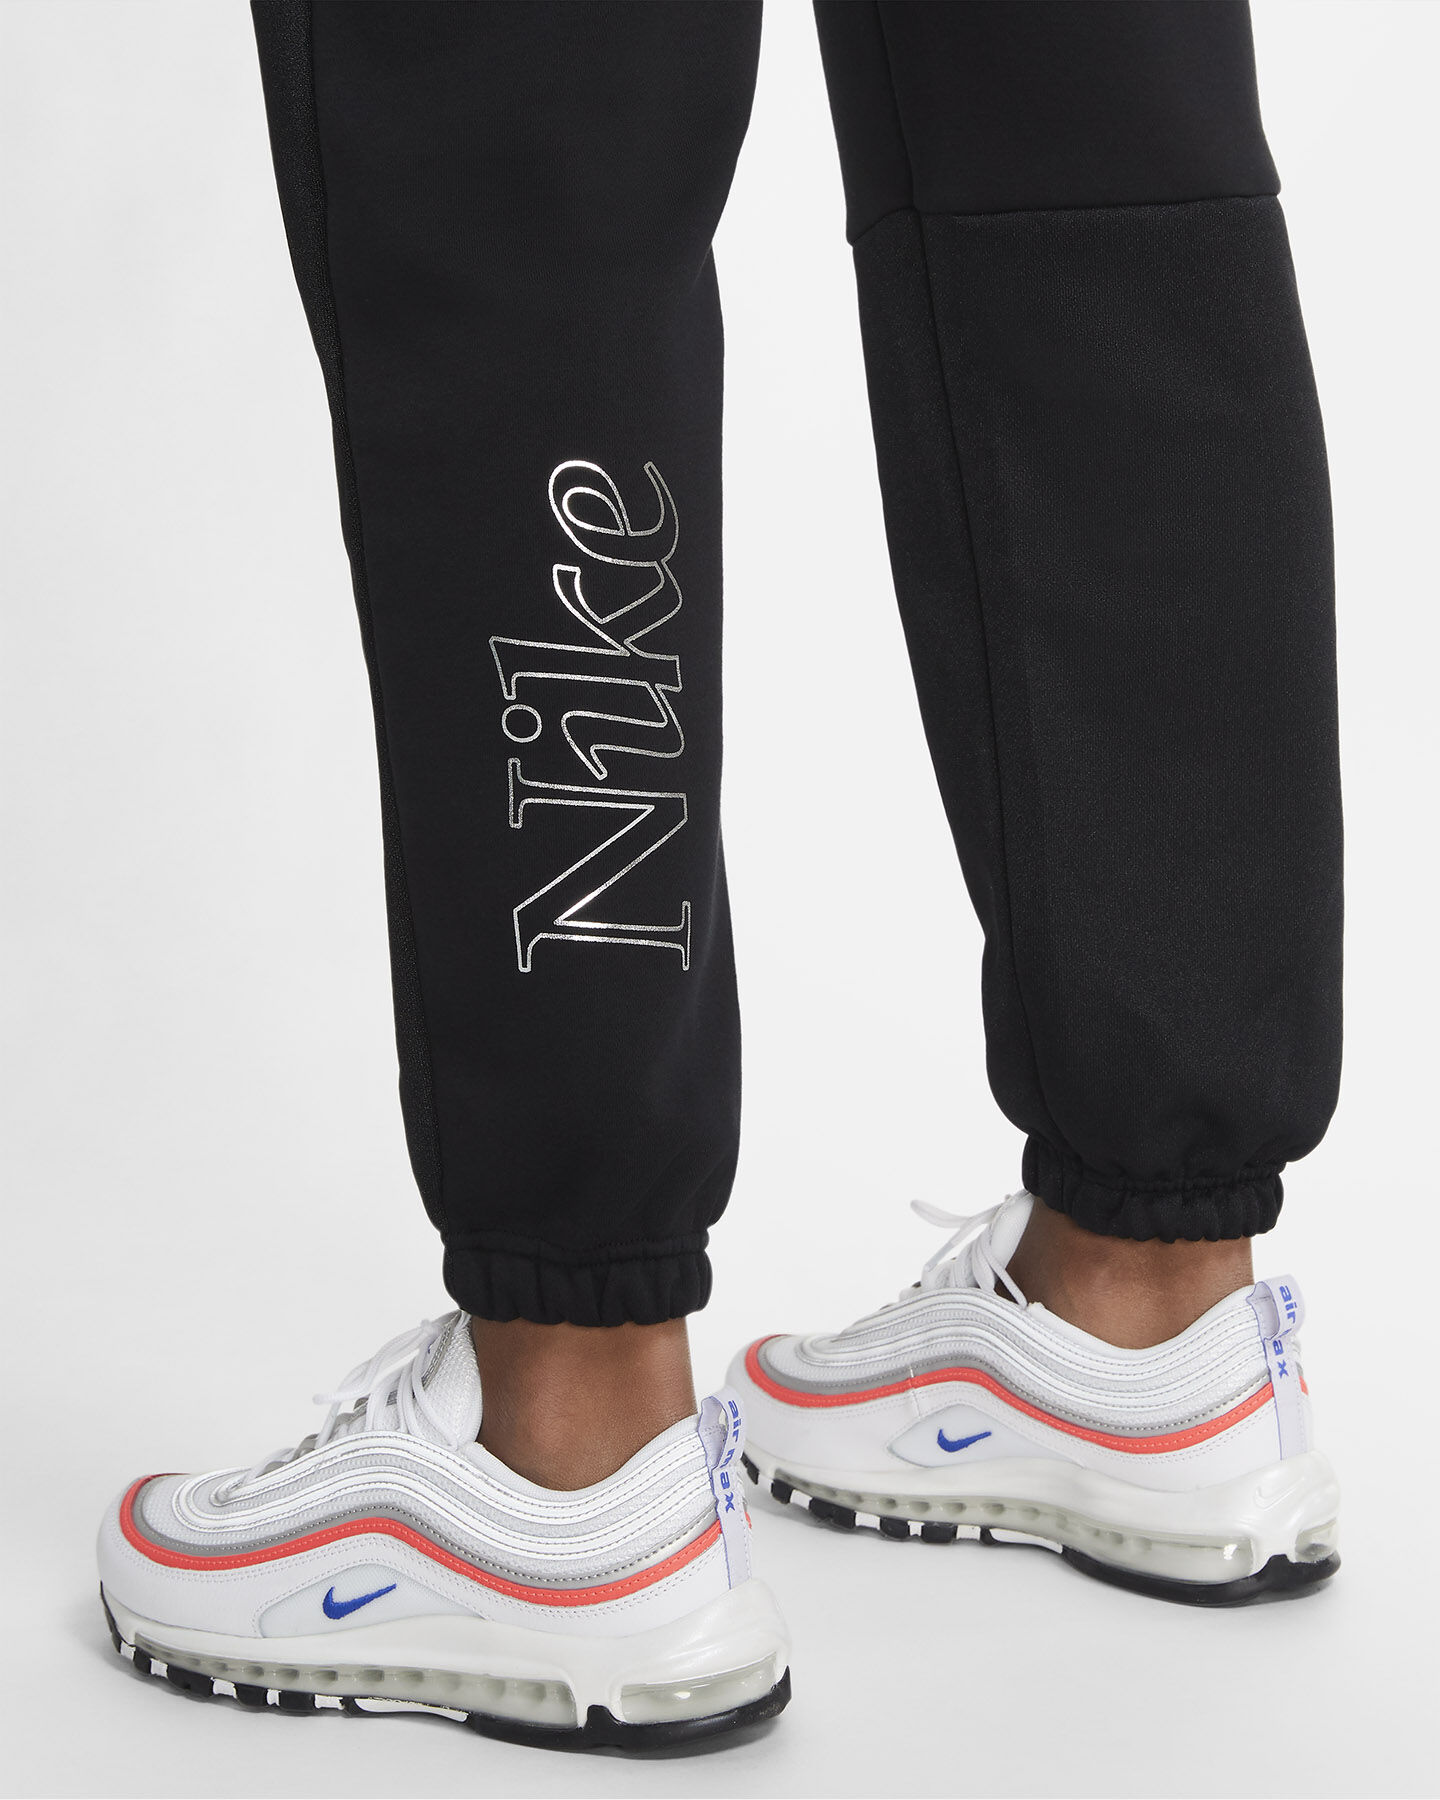 Pantalone NIKE ICON CLASH W S5247393 scatto 5